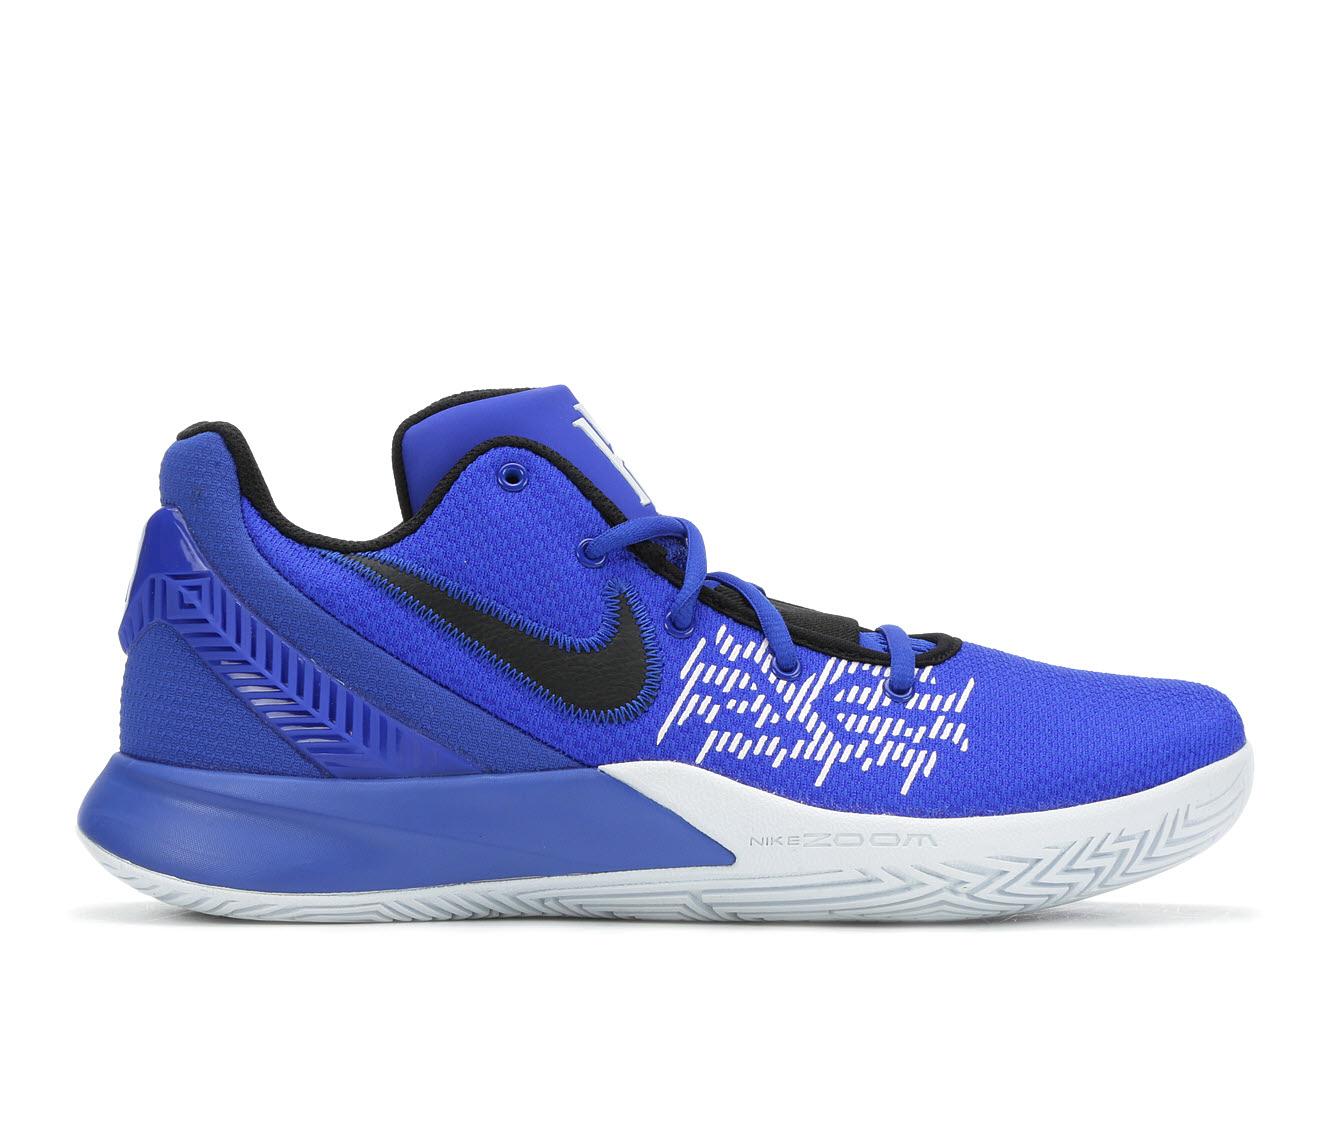 Nike Nike Kyrie Flytrap II Men's